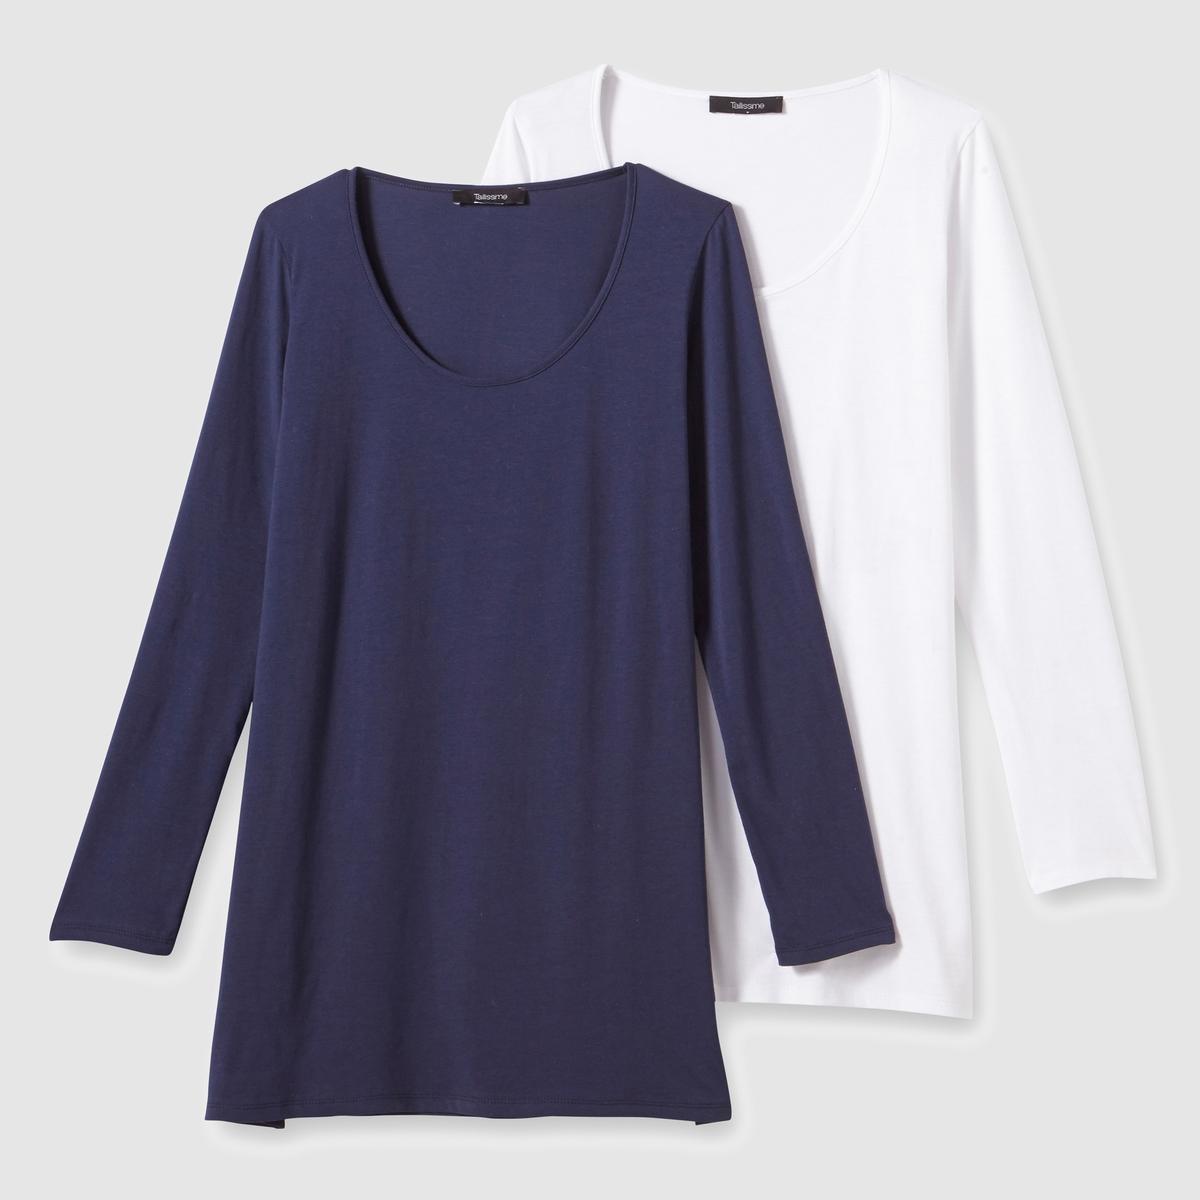 Комплект из 2 футболок с длинными рукавами из хлопкаСостав и описание :Материал : Трикотаж, 100% хлопка.Длина : 72 см.Марка : CASTALUNA.Уход :Машинная стирка при 30 °C в деликатном режиме.<br><br>Цвет: белый + темно-синий,черный + серый меланж<br>Размер: 42/44 (FR) - 48/50 (RUS).46/48 (FR) - 52/54 (RUS).50/52 (FR) - 56/58 (RUS).62/64 (FR) - 68/70 (RUS).46/48 (FR) - 52/54 (RUS).62/64 (FR) - 68/70 (RUS)